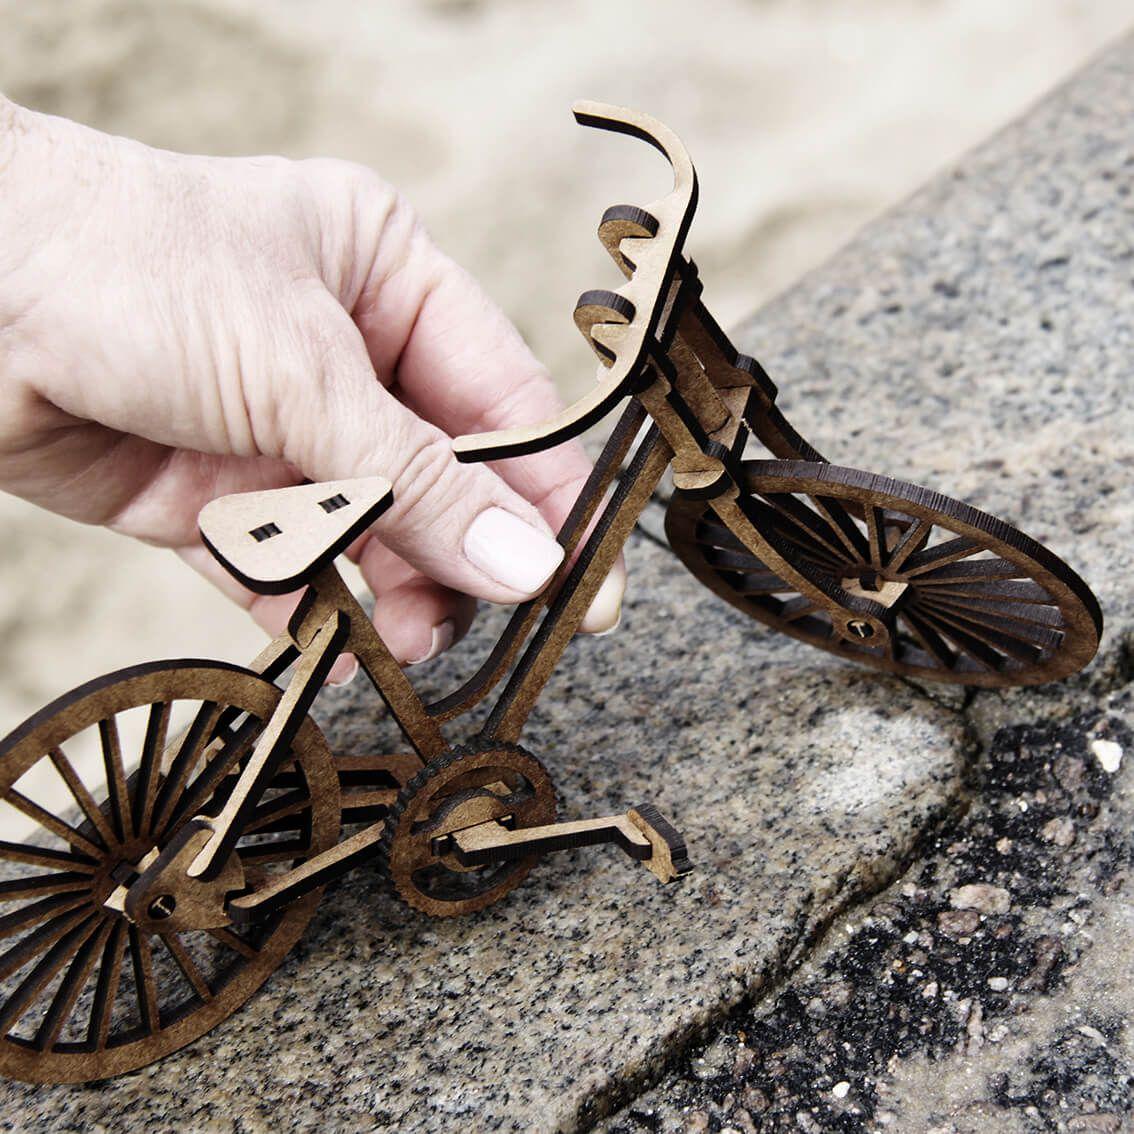 Bicicletas - Miniatura para montar Bicicleta de Passeio